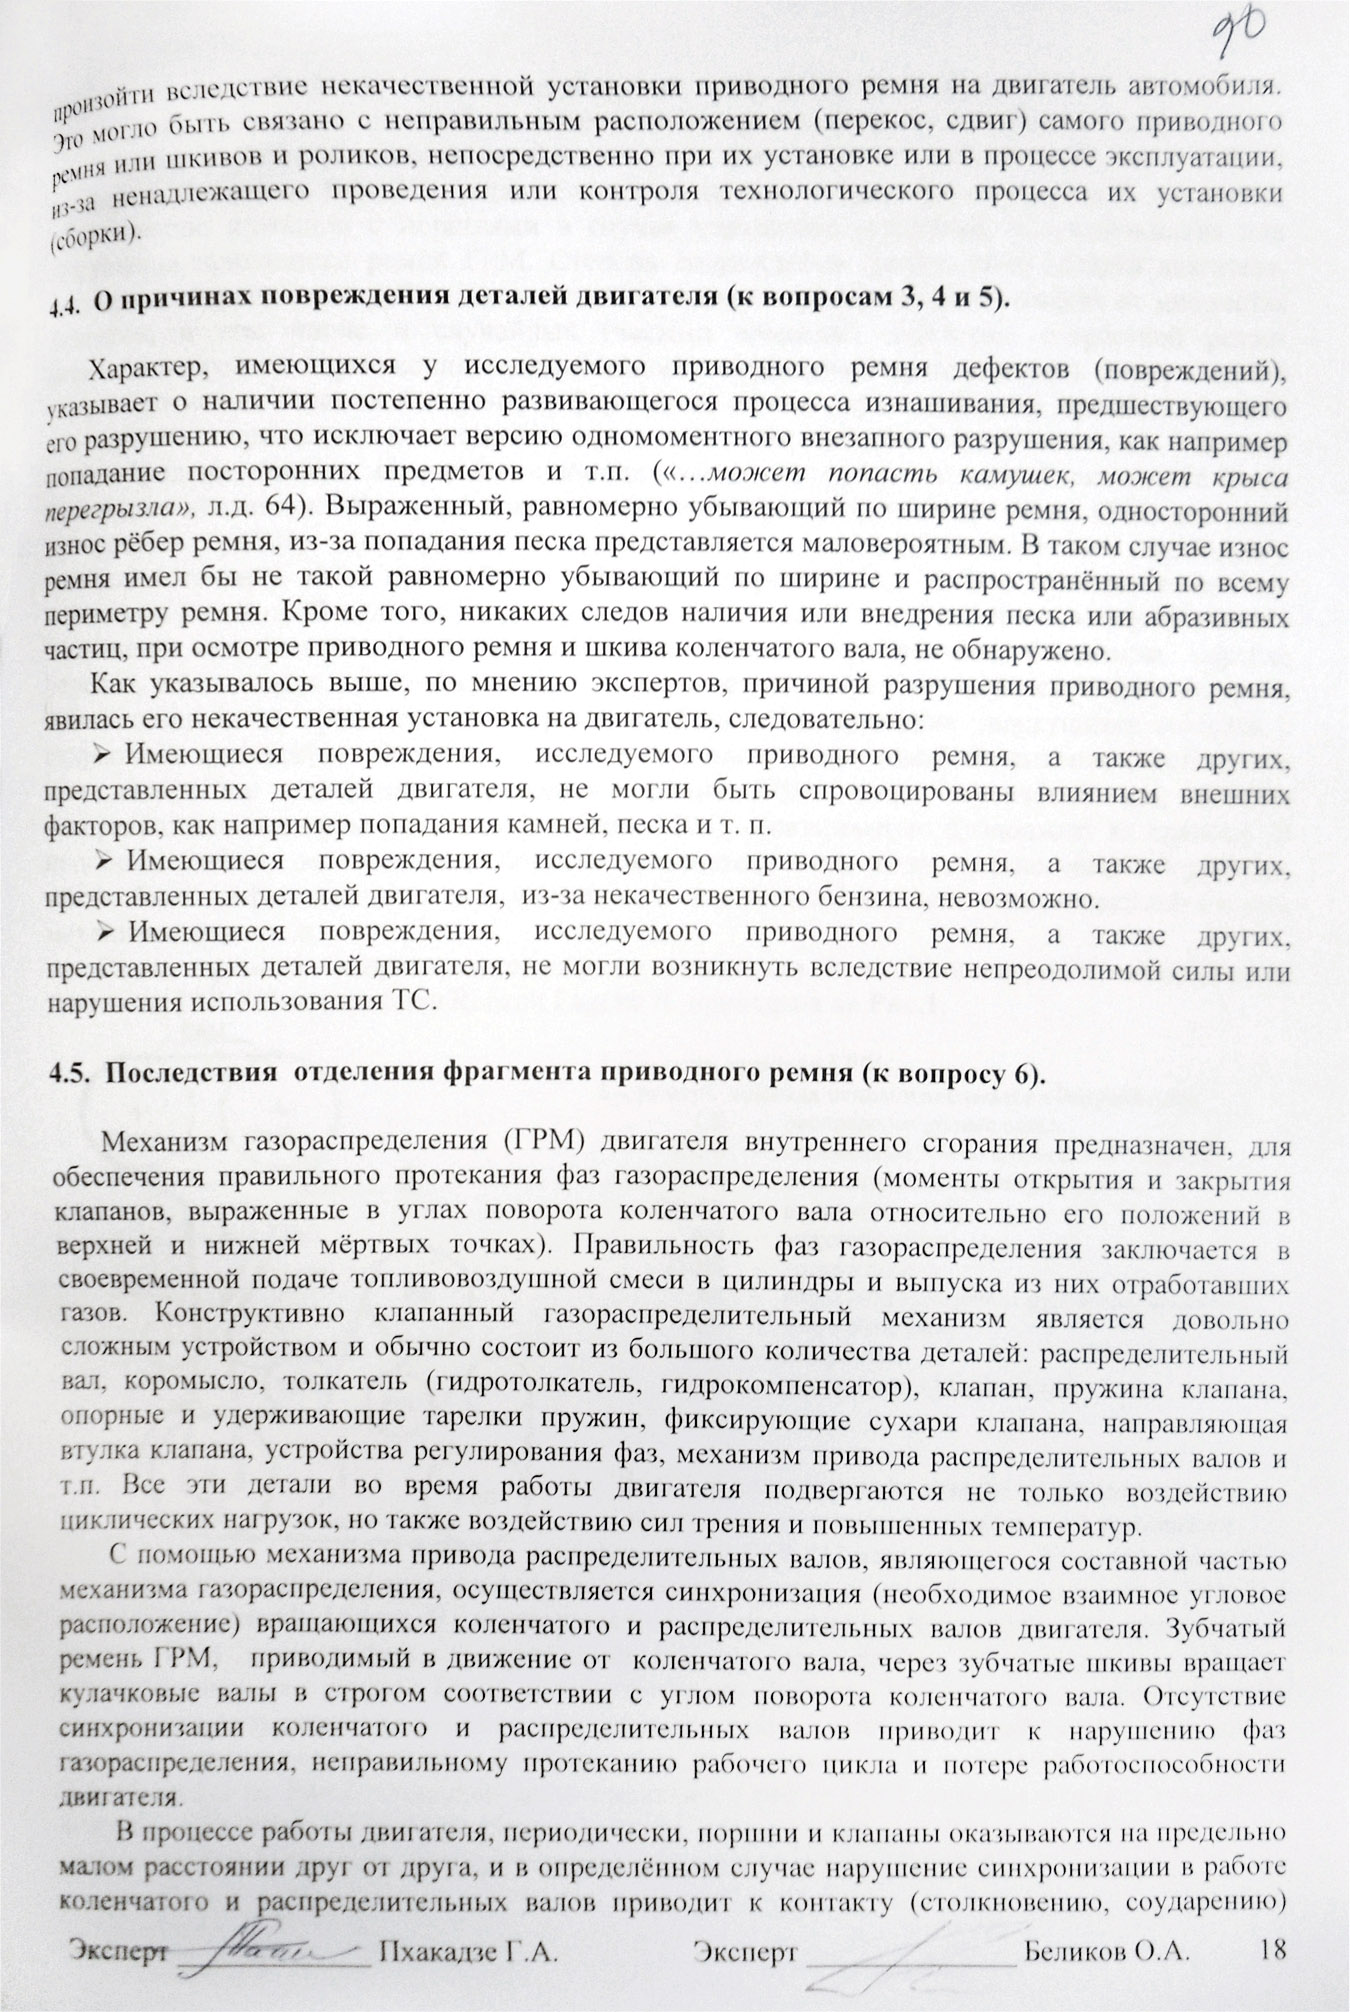 В пункте 4.4. эксперты однозначно указали, что причина поломки — некачественная установка приводного ремня